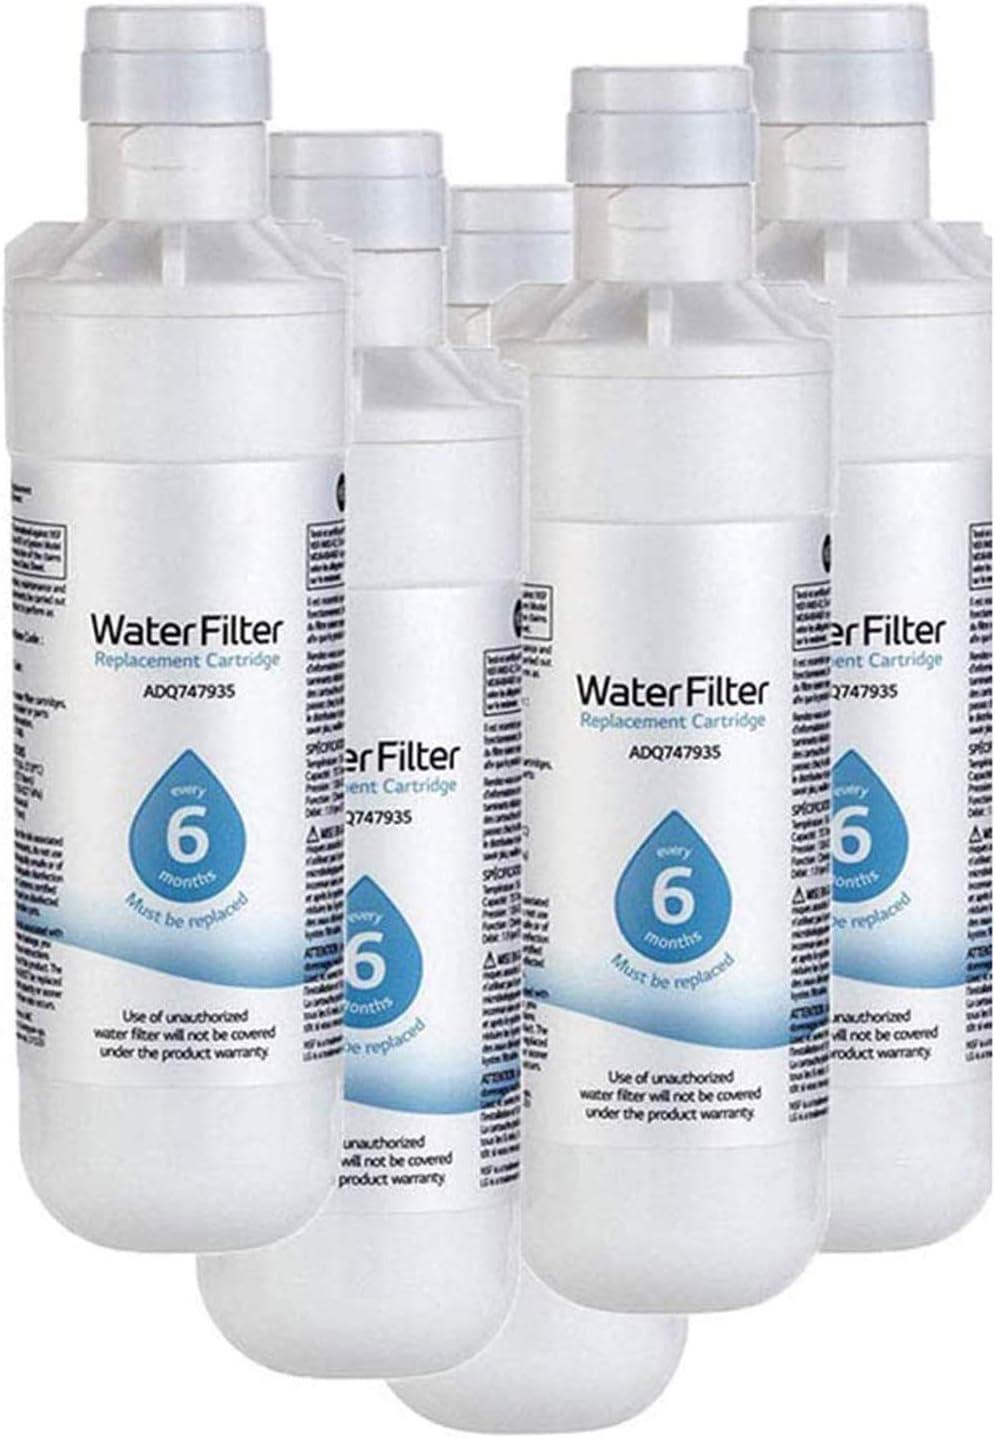 LNLJ 6 Mes / 200 Galones De Capacidad De Reemplazo del Filtro De Agua del Refrigerador, Reemplazable Fit Kit para LT1000P, LT1000PC, MDJ64844601, ADQ747935 ADQ74793504, Kenmore 469980,5pcs